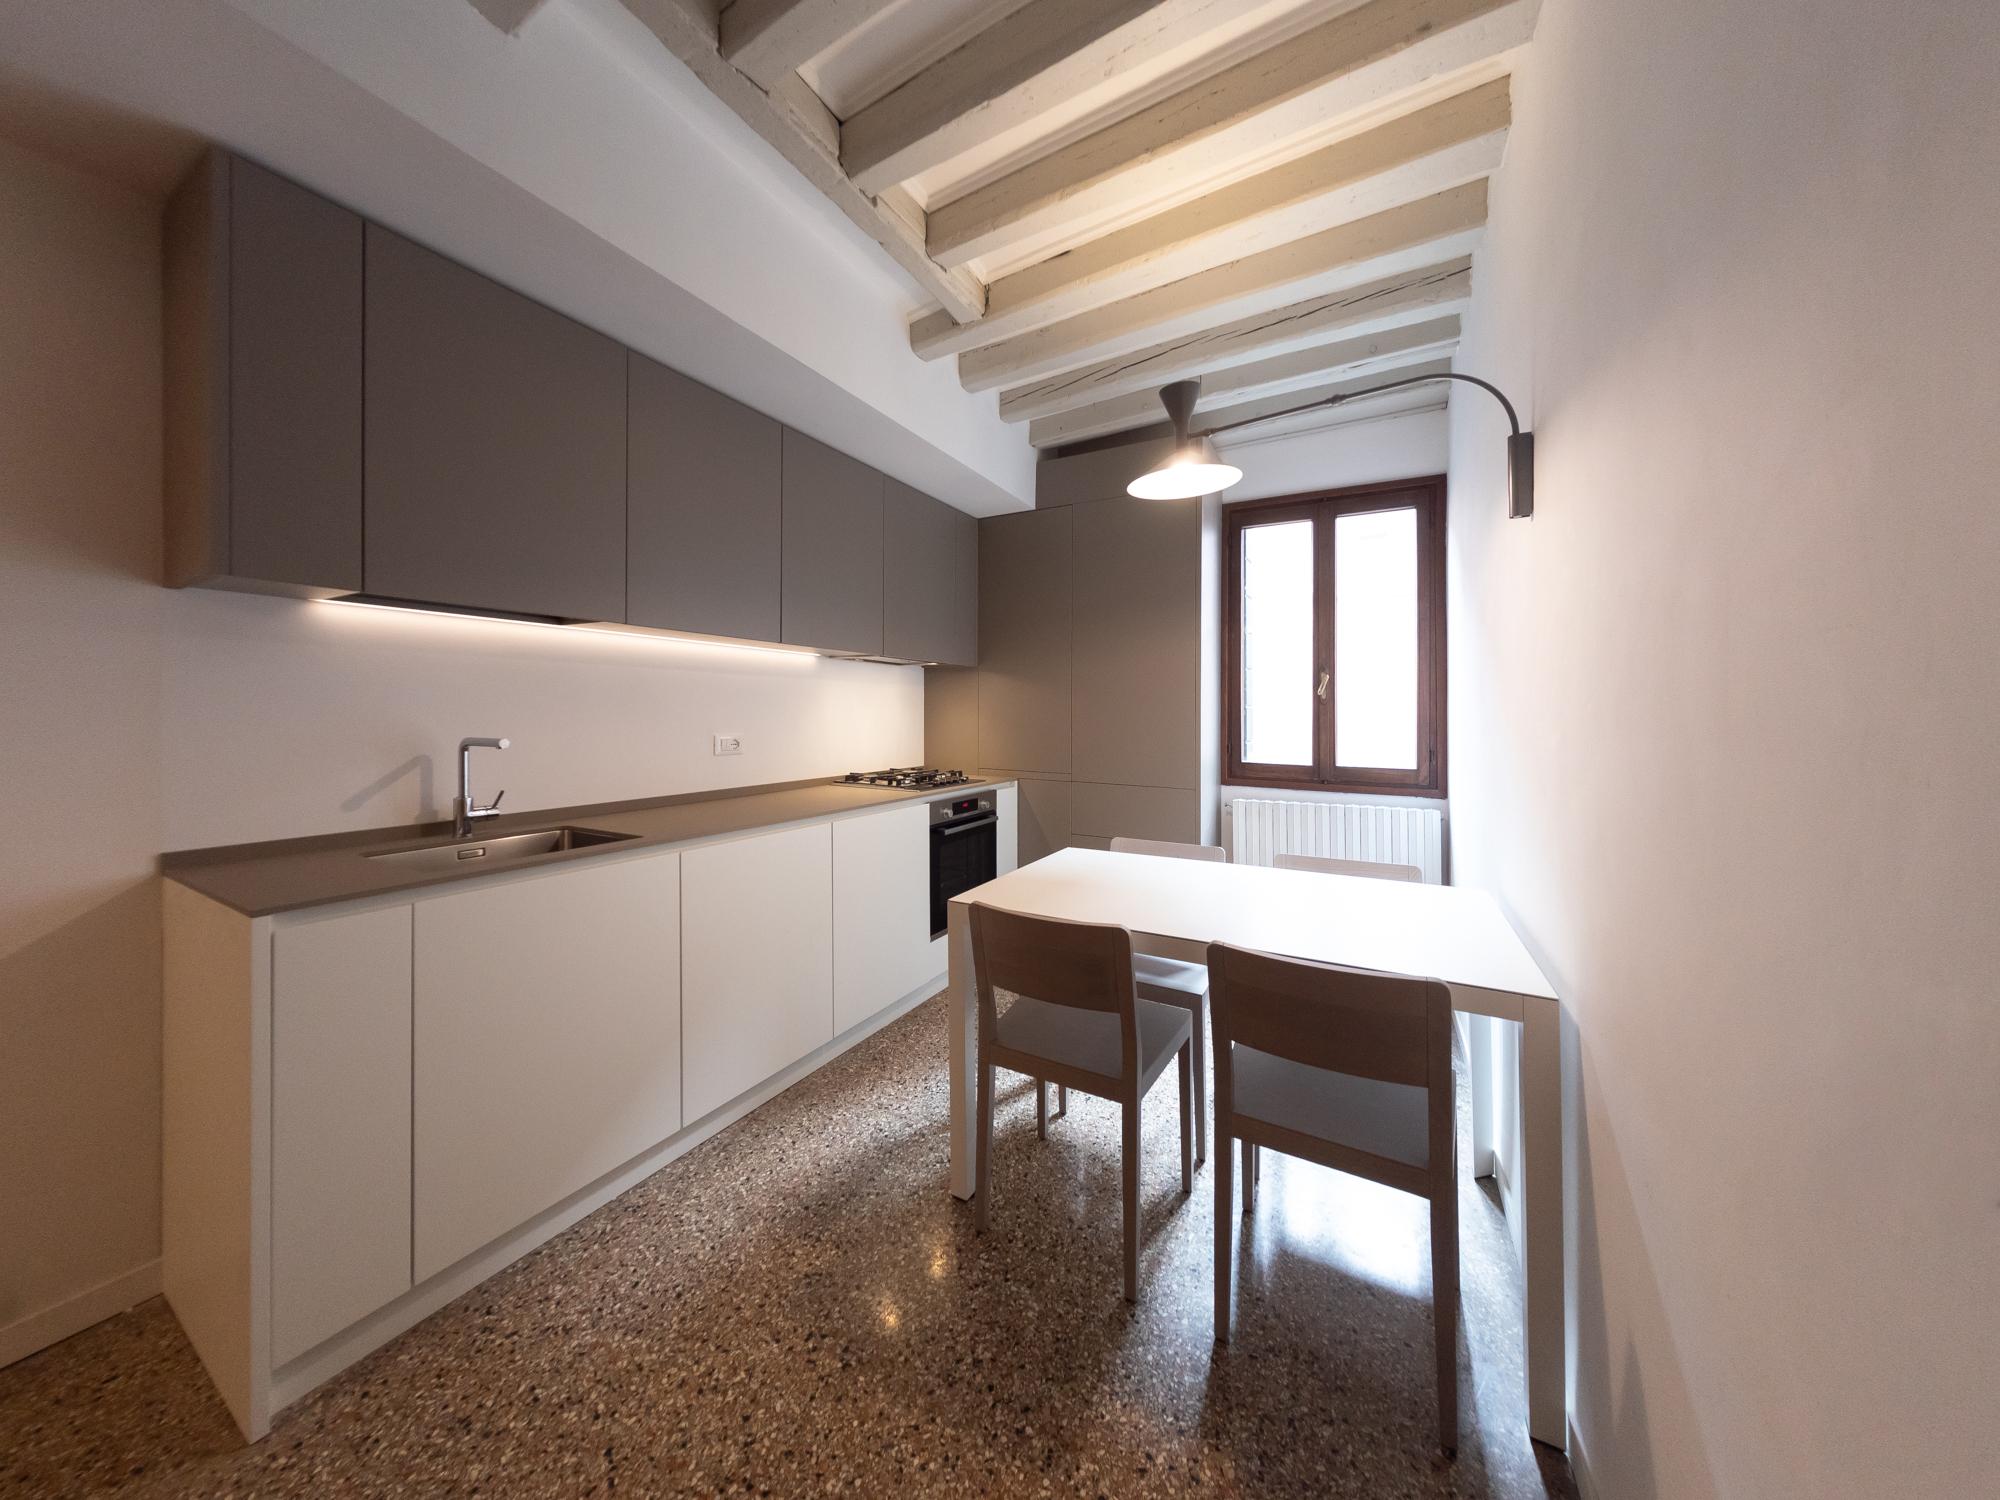 Ristrutturazione appartamento mave